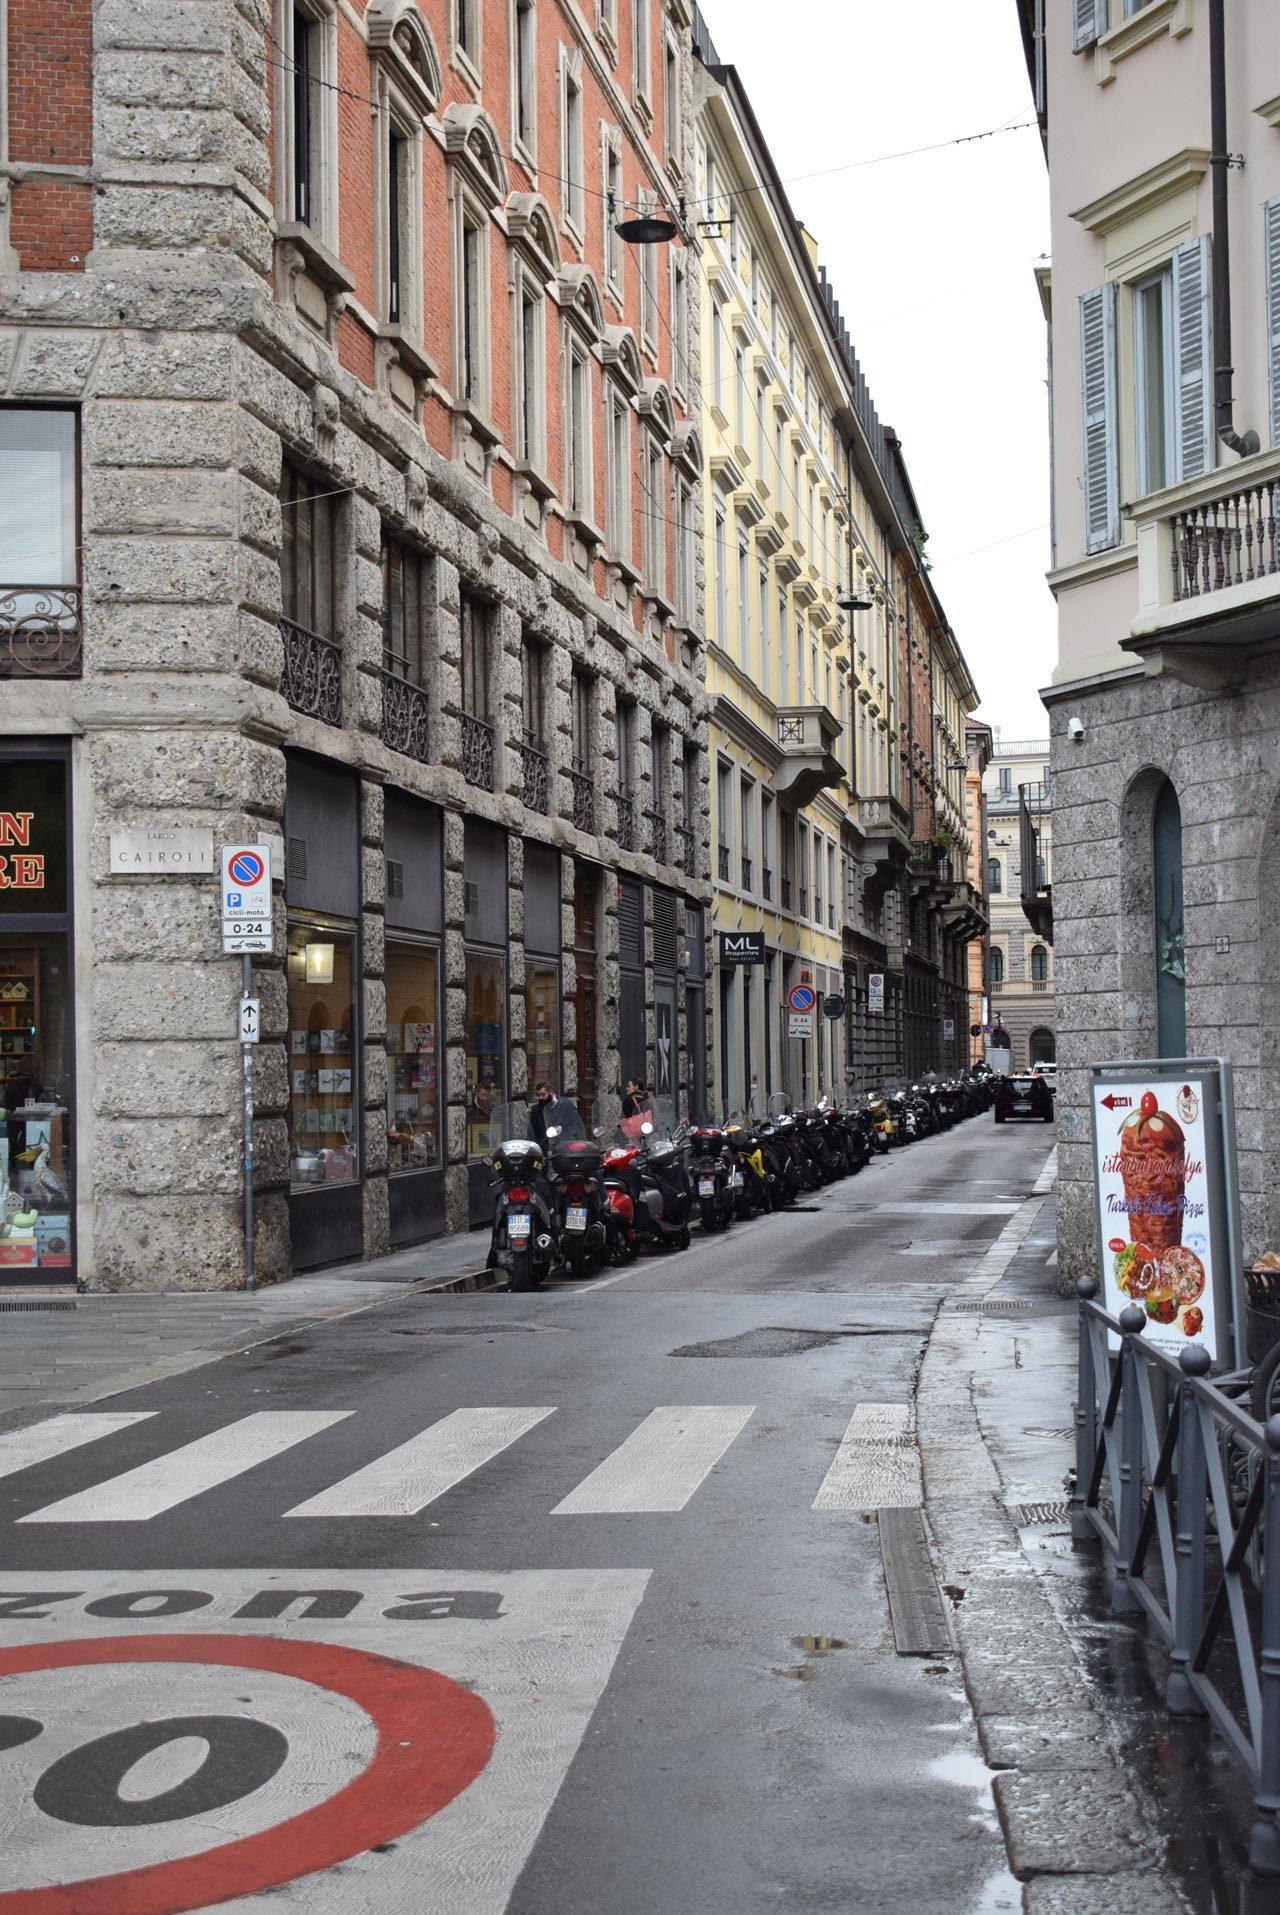 バイク天国☆イタリアの旅 その5 ミラノ街を散策_d0099181_10585669.jpg